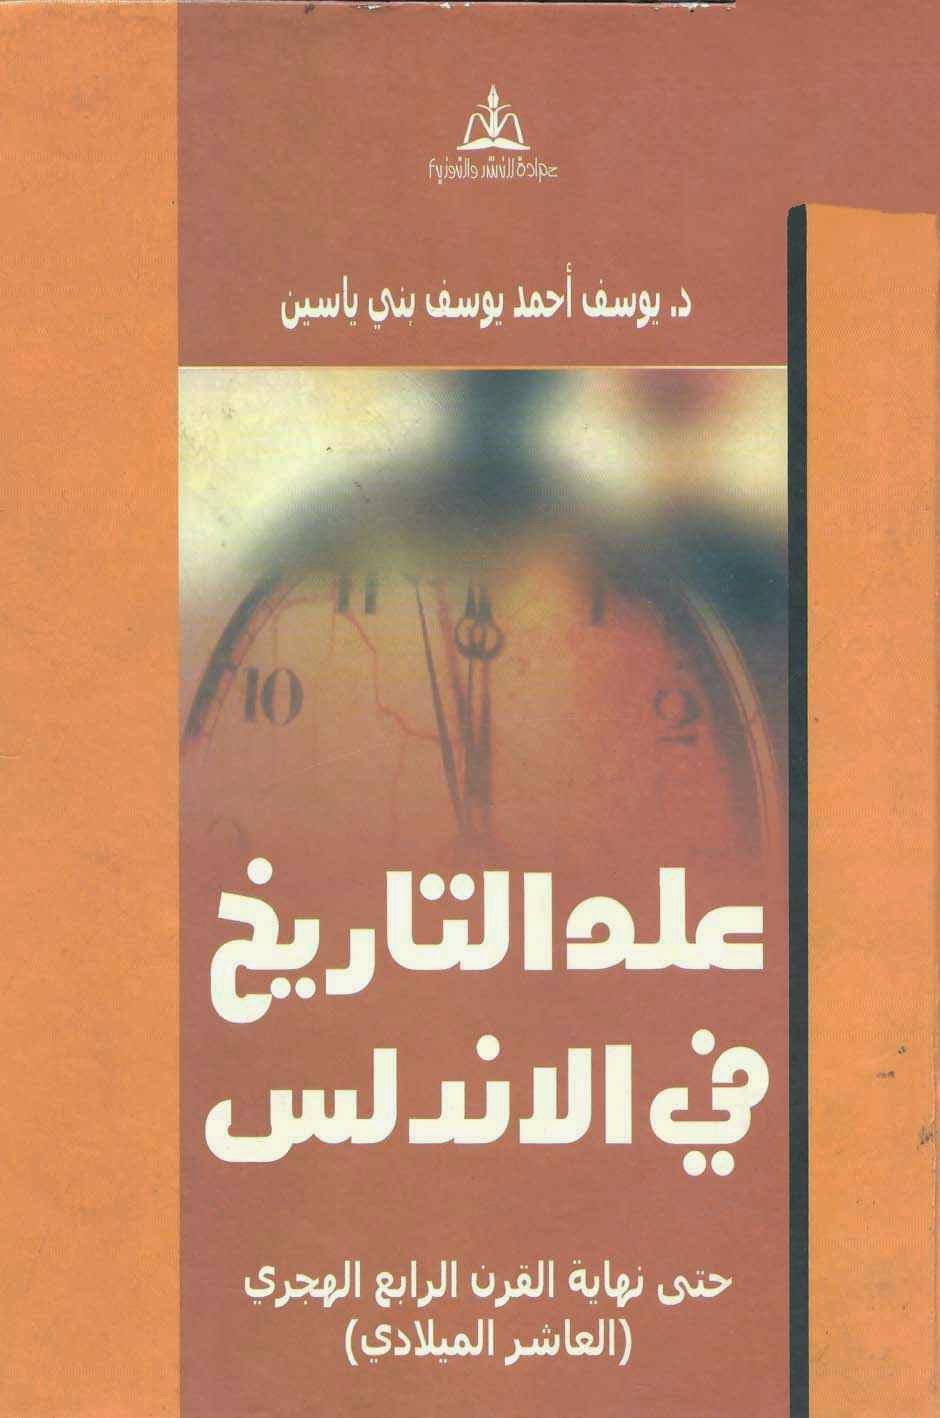 علم التاريخ في الأندلس حتى نهاية القرن الرابع الهجري (العاشر الميلادي) لـ يوسف أحمد يوسف بني ياسين